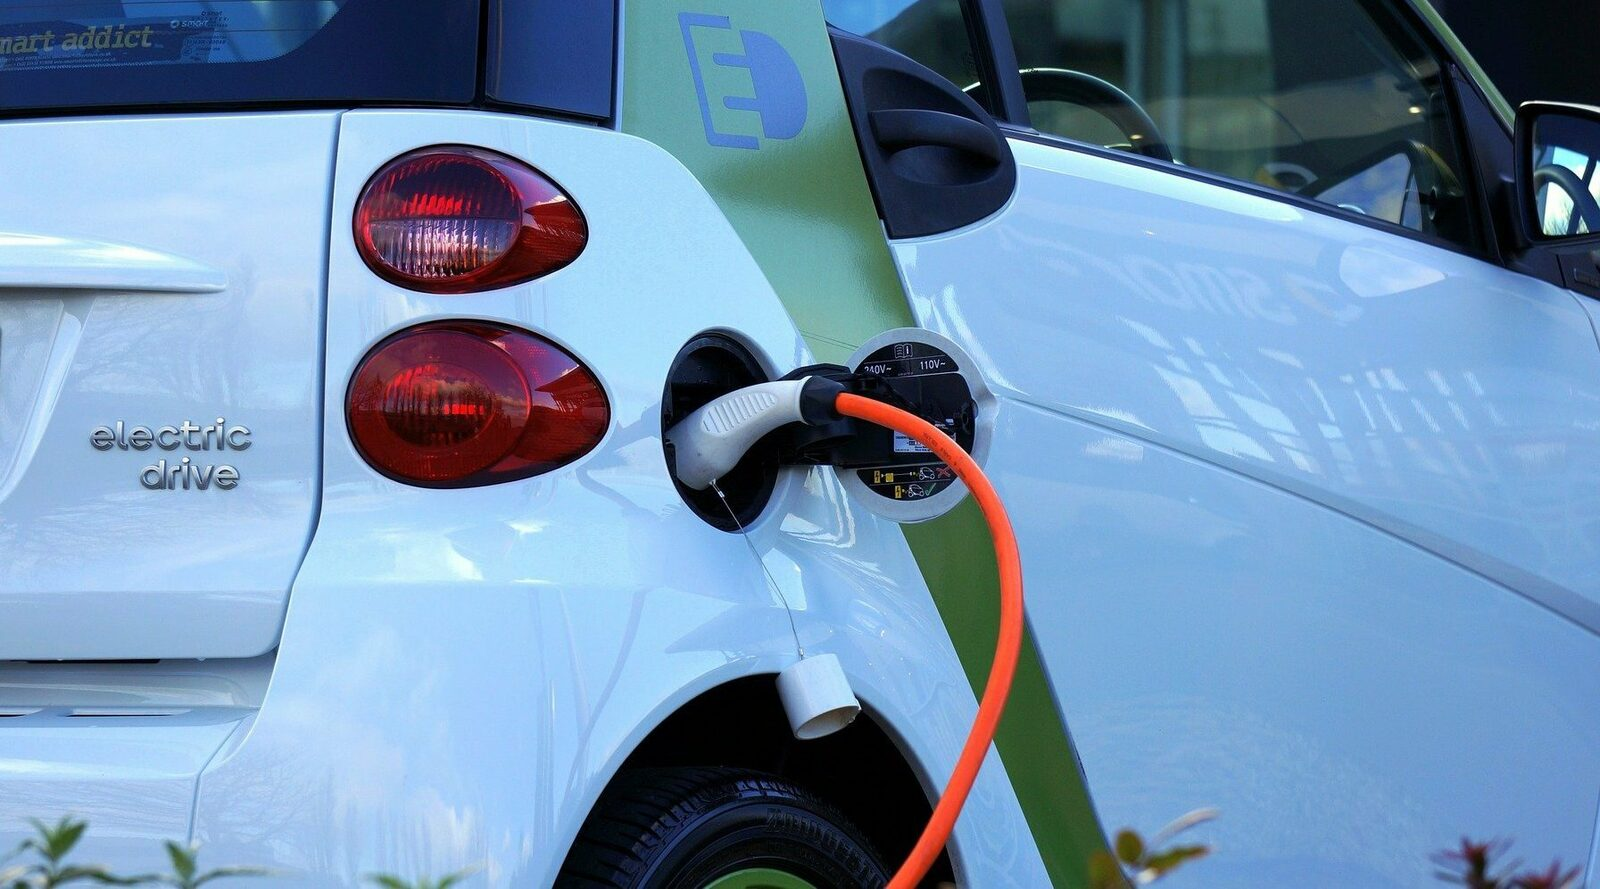 Laadpaal voor elektrische auto's